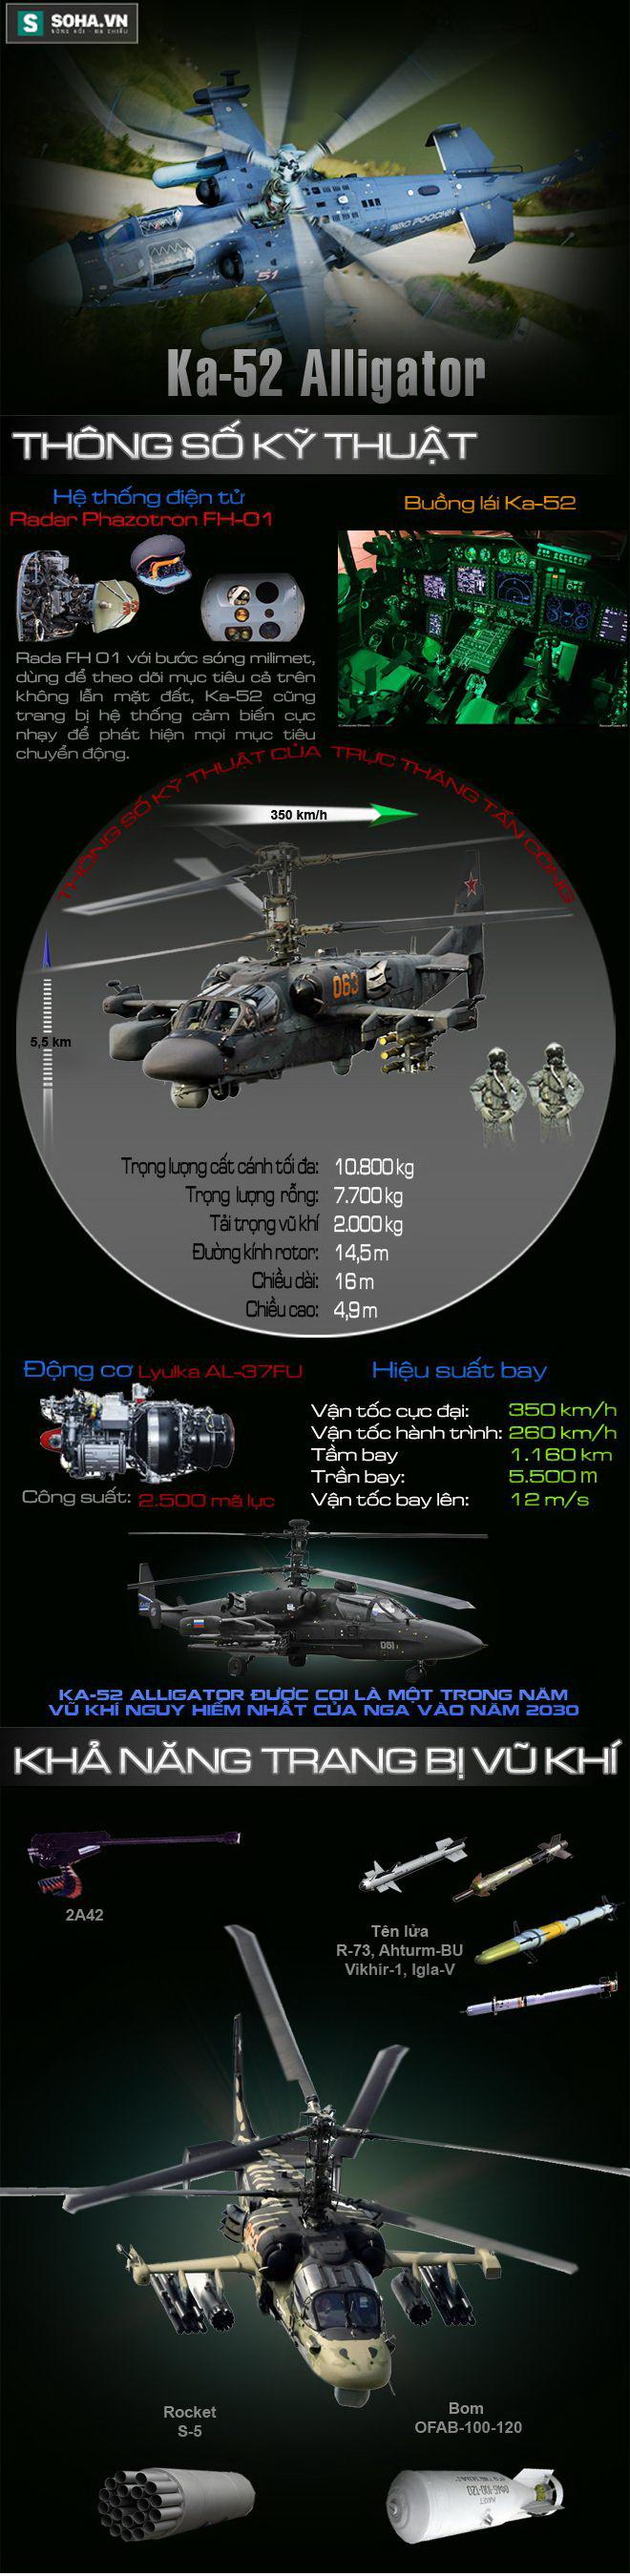 Sức mạnh trực thăng tấn công thuộc Top 5 vũ khí nguy hiểm nhất của Nga vào năm 2030 - Ảnh 1.